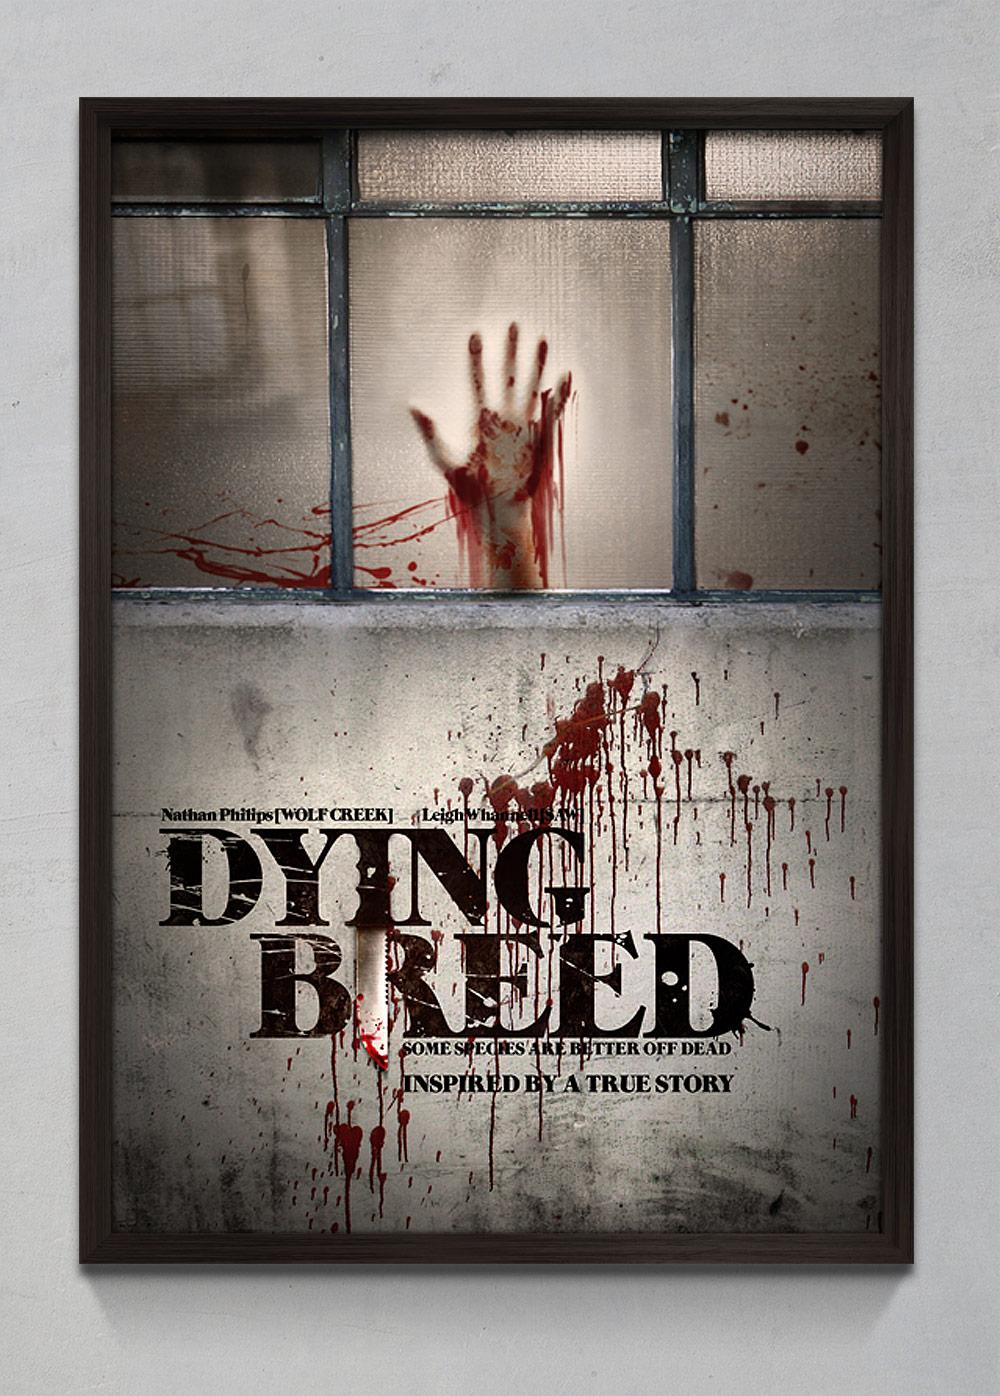 DyingBreed_Poster_Framed_01.jpg